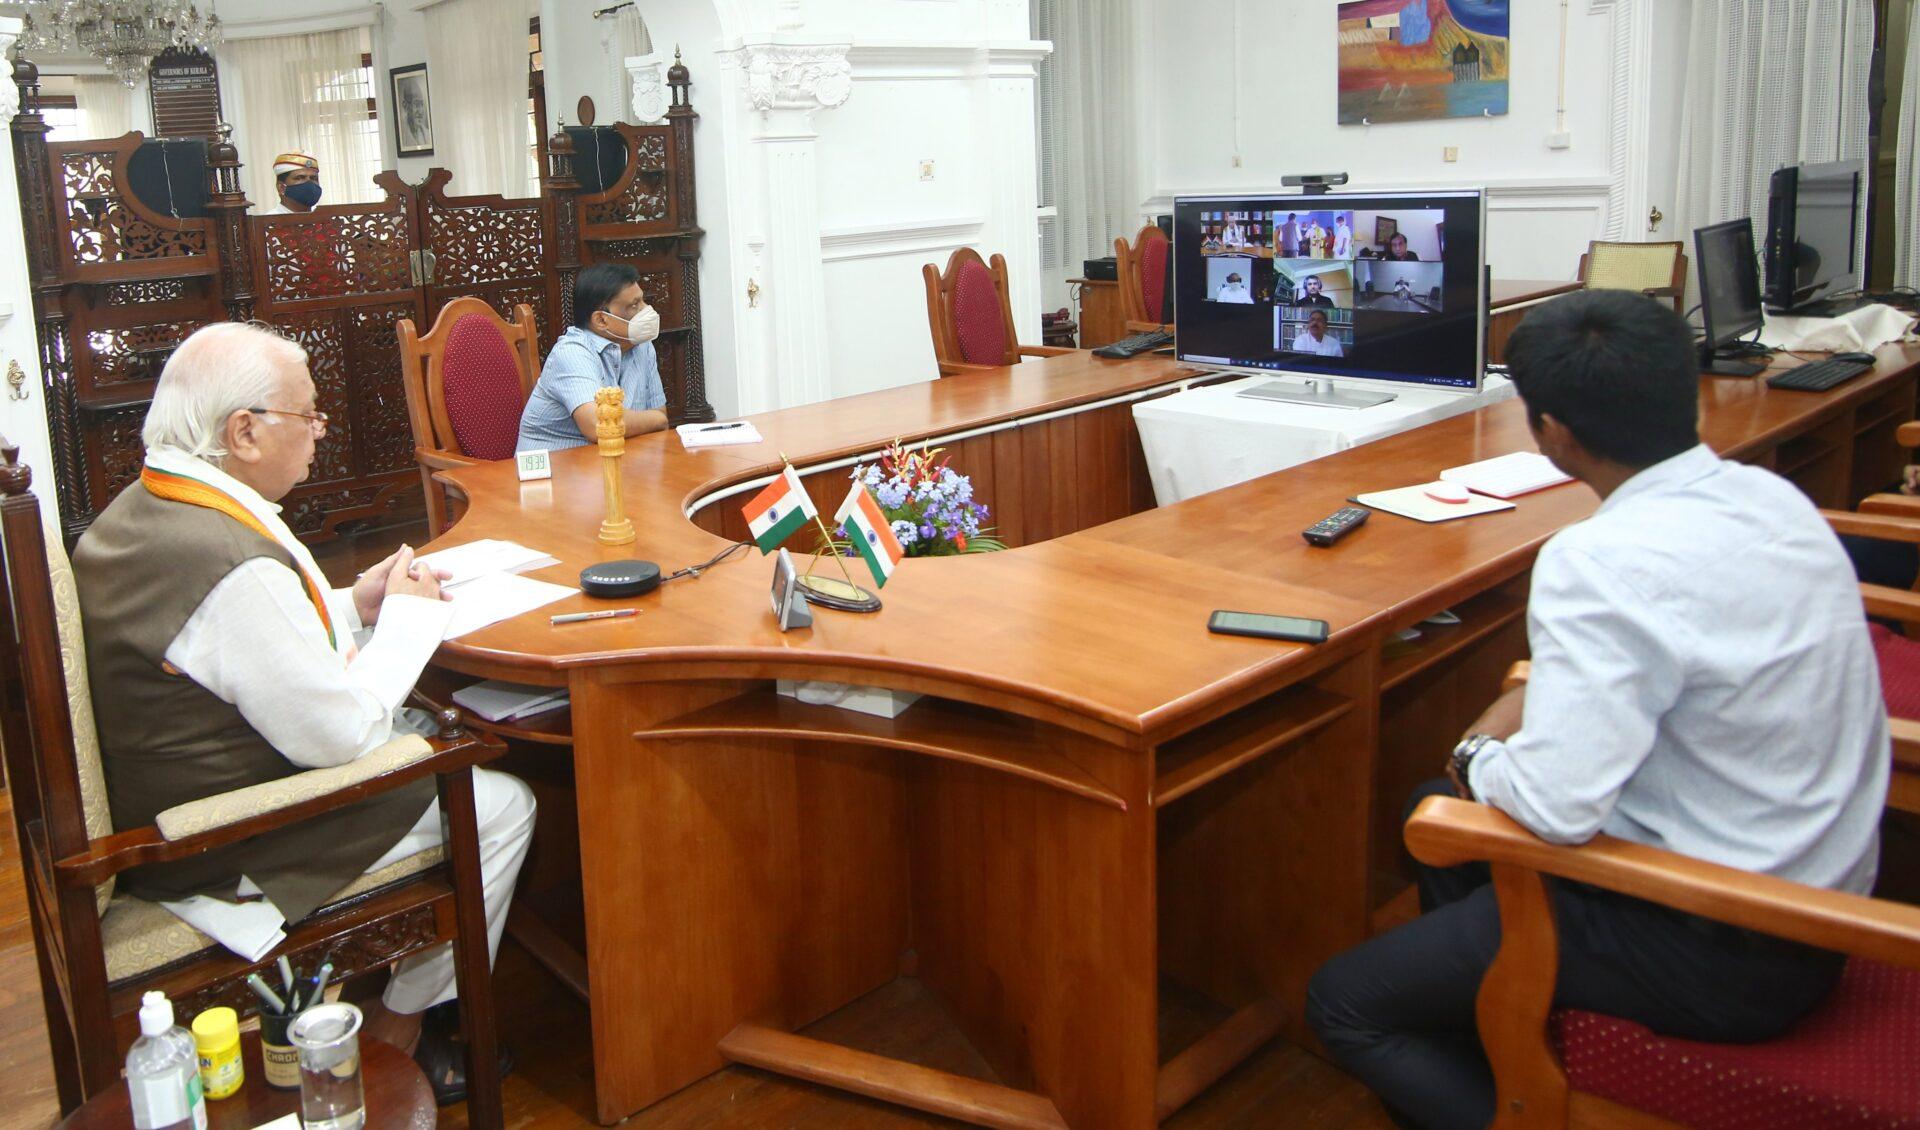 Kerala Digital University